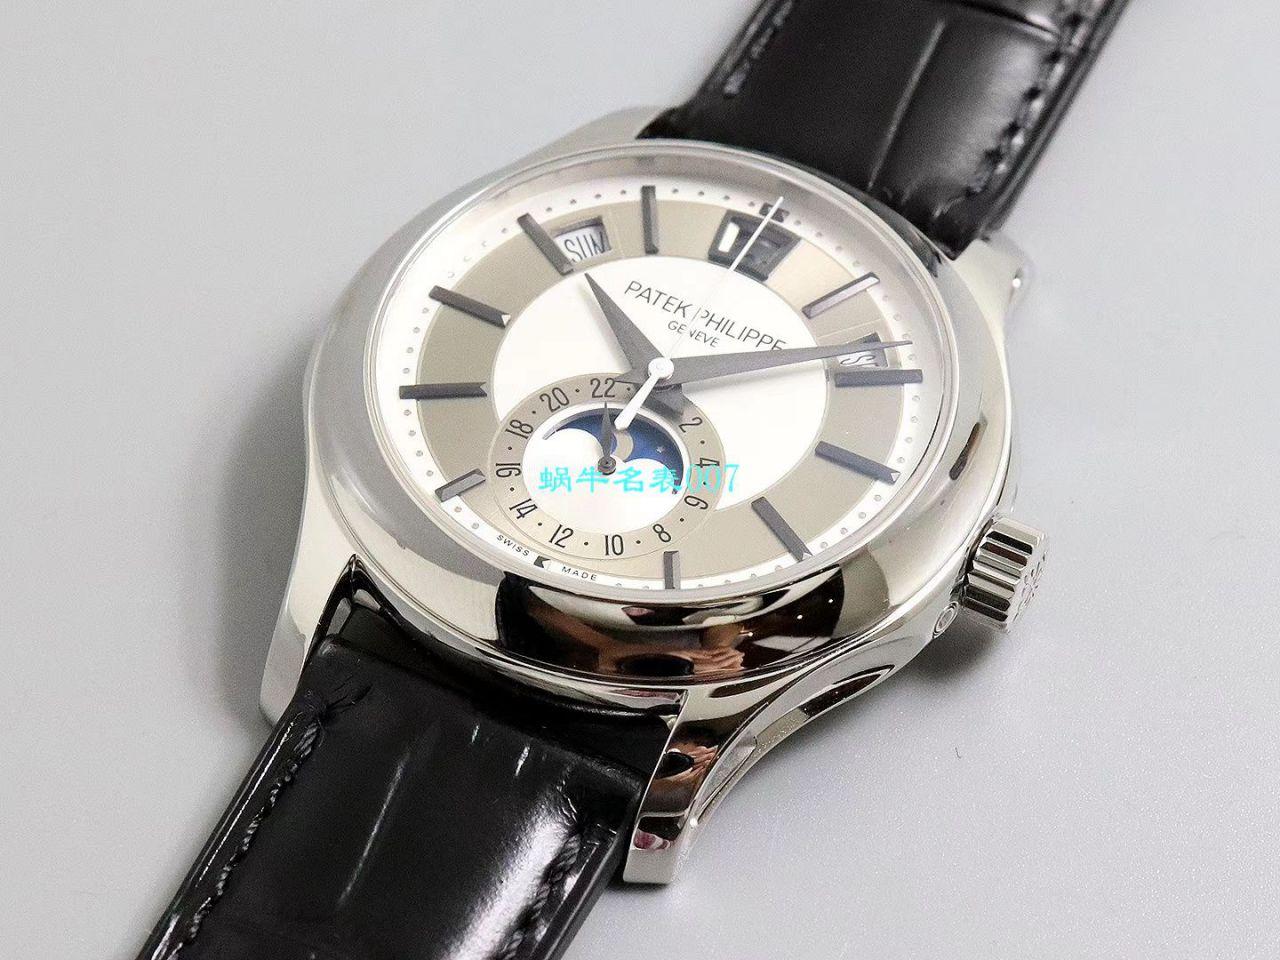 GR厂顶级复刻表百达翡丽复杂功能时计系列5205R-001腕表